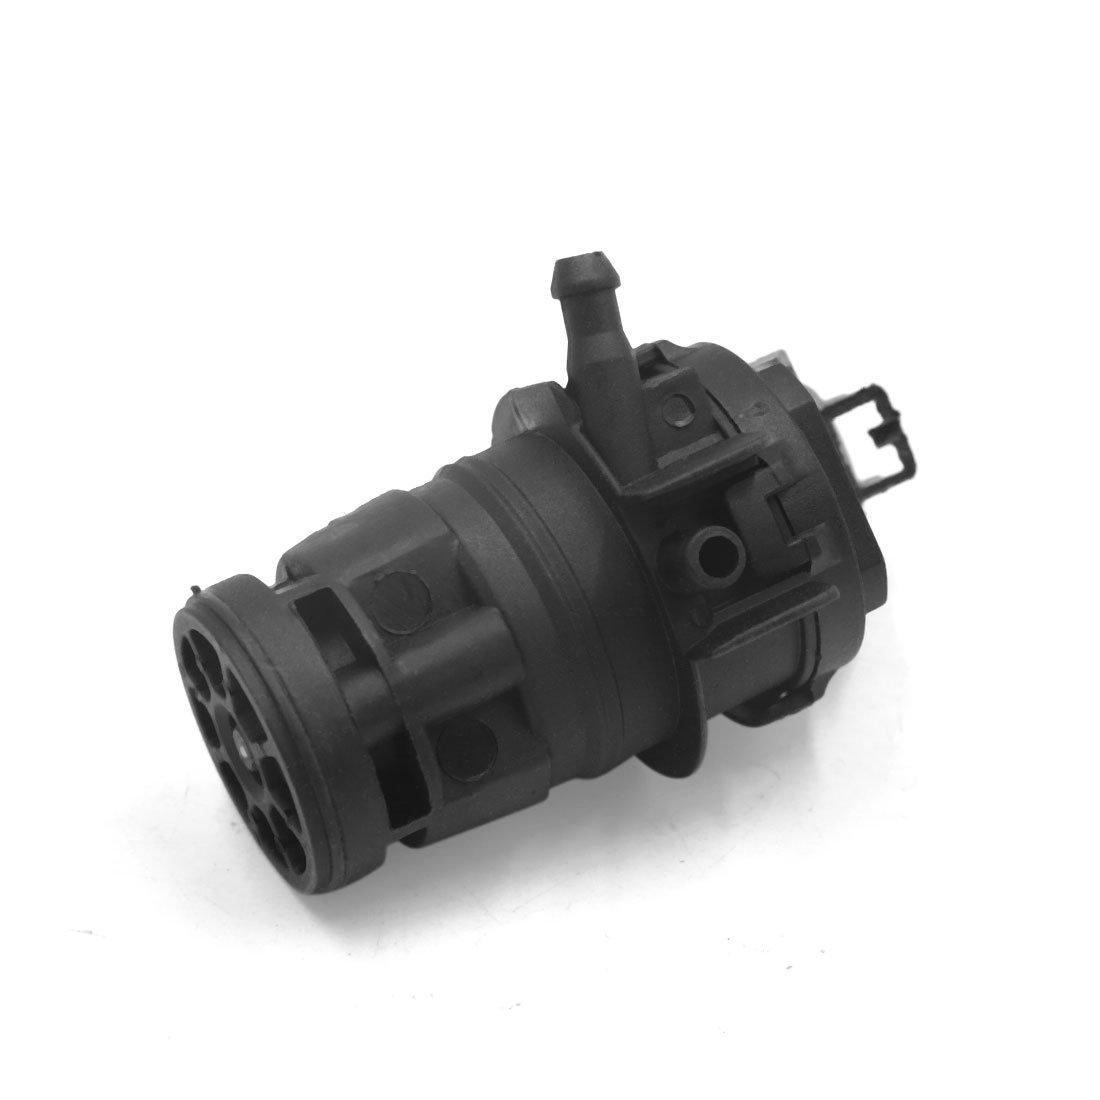 sourcing map Motor Bomba de Agua del Limpiaparabrisas para Coche Vehículo Crown Reiz RAV4 Highlander: Amazon.es: Coche y moto